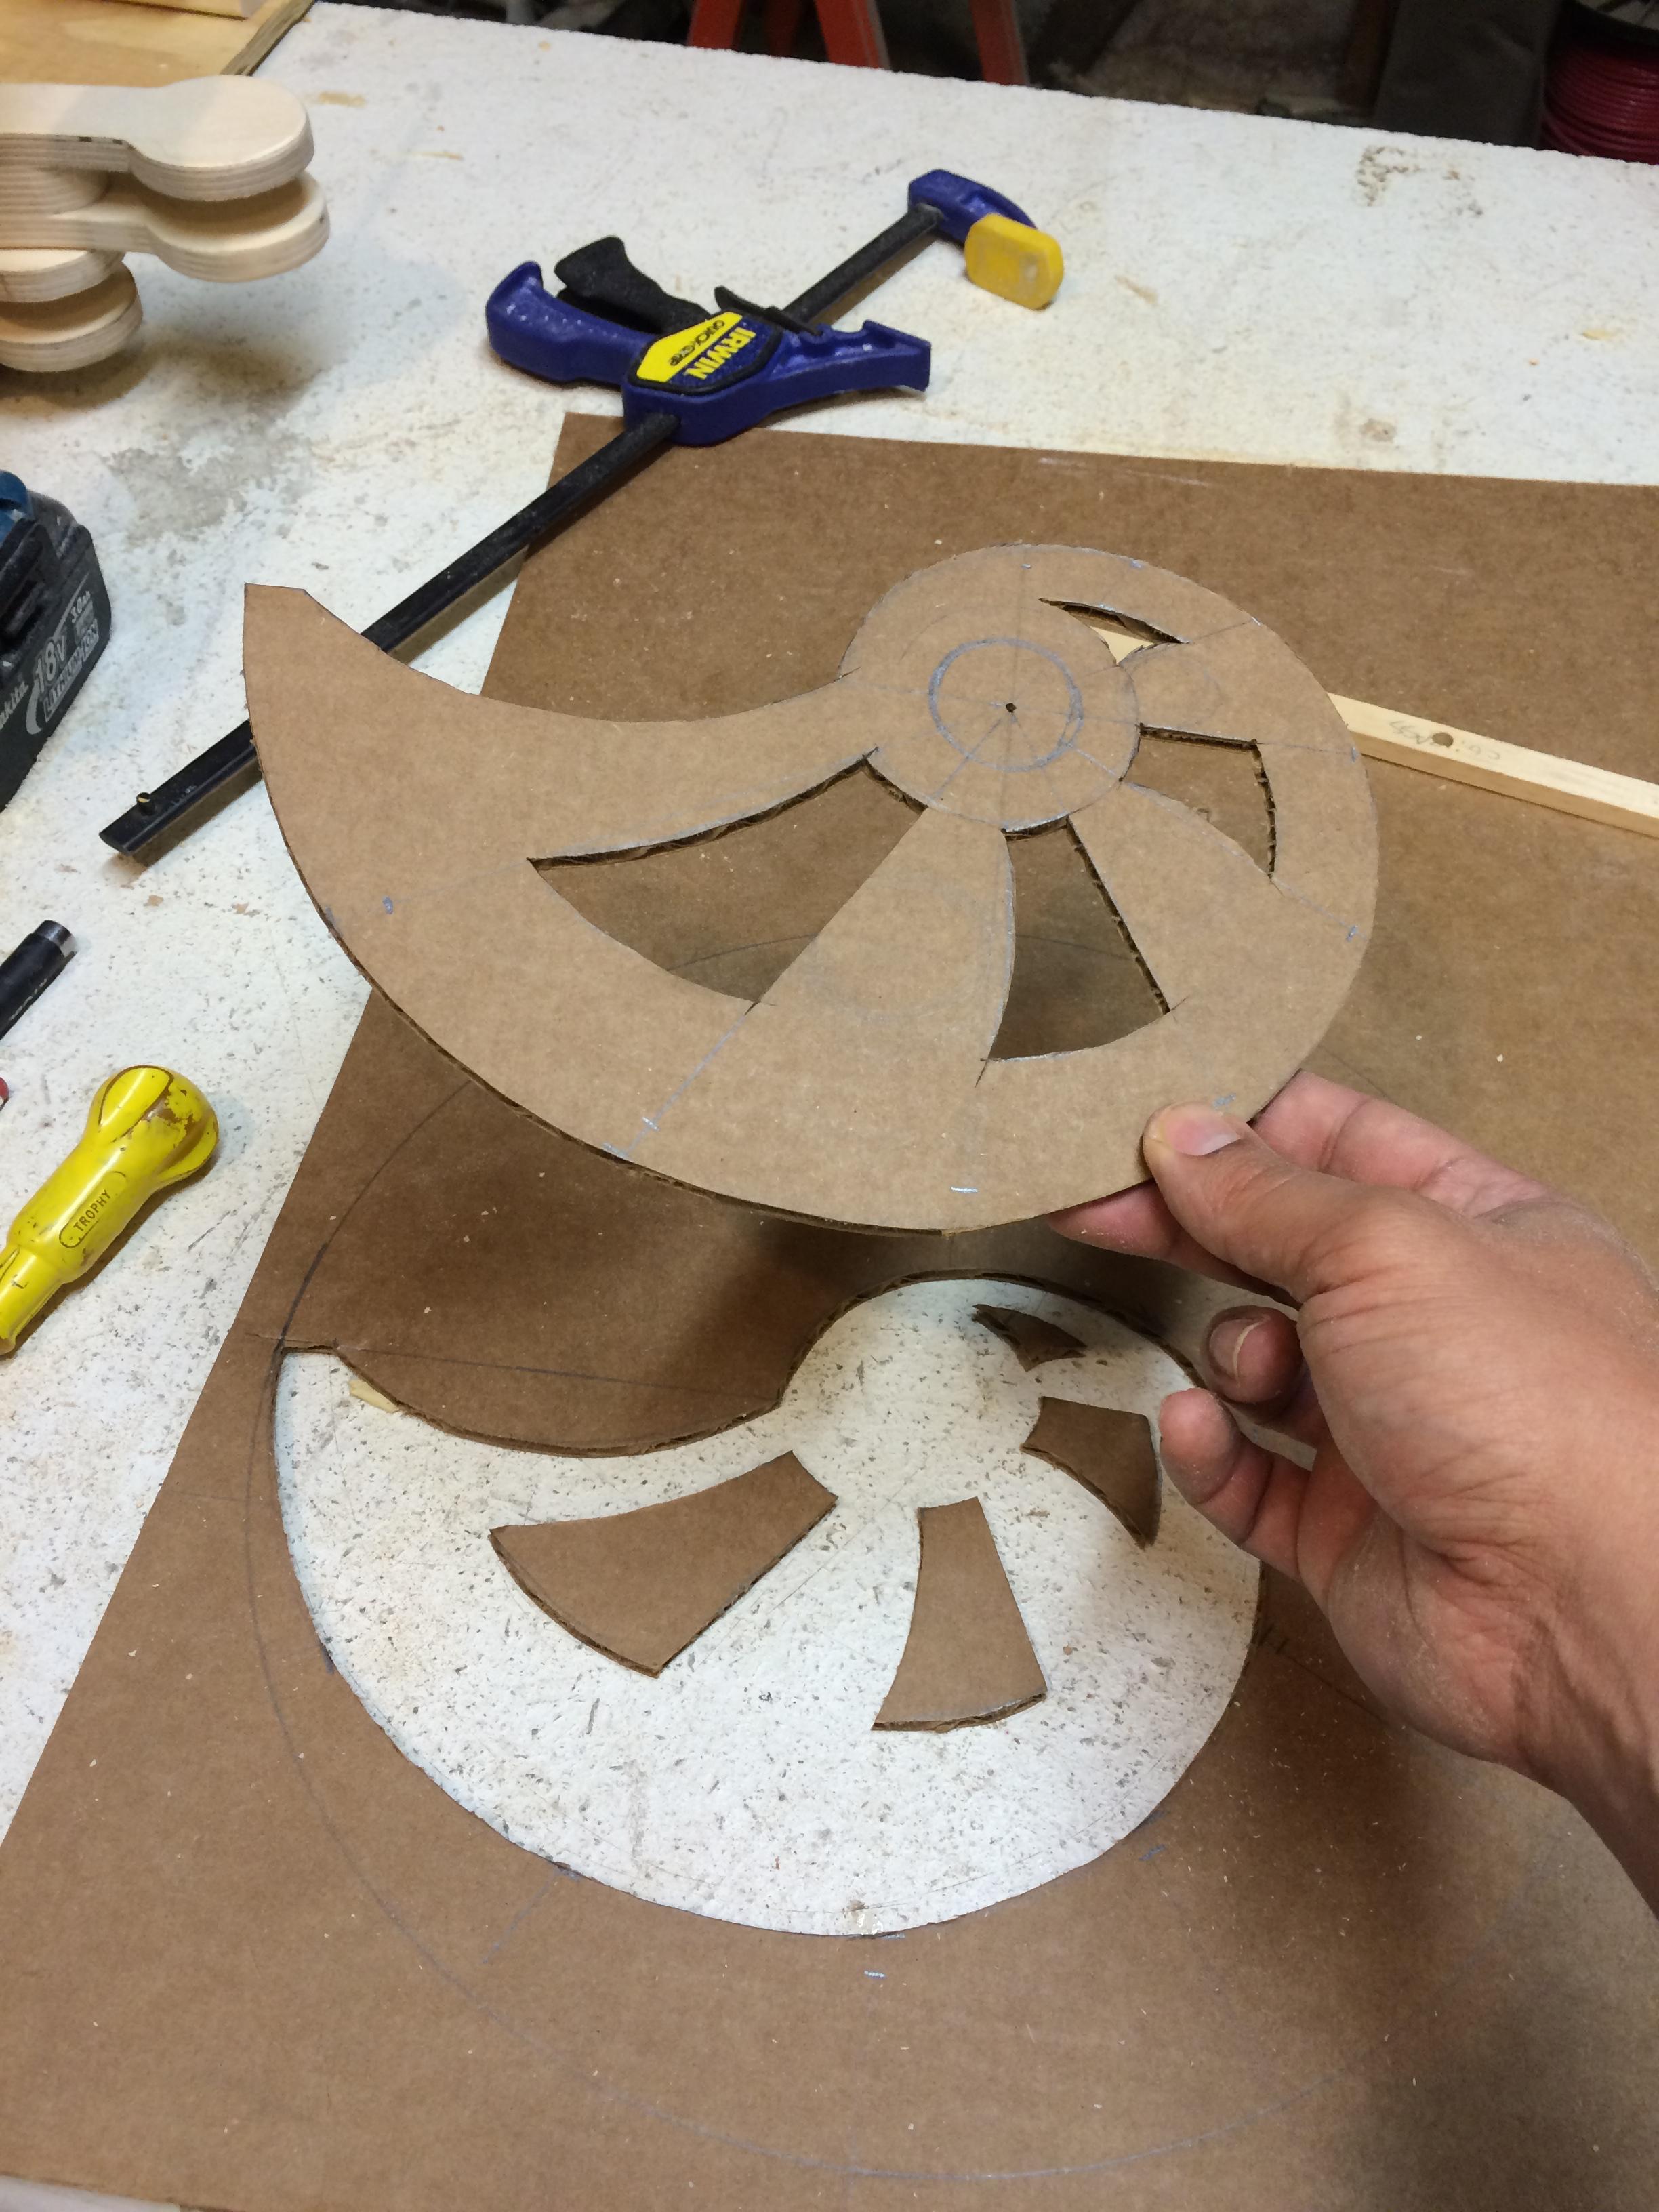 snail cam design template in cardboard